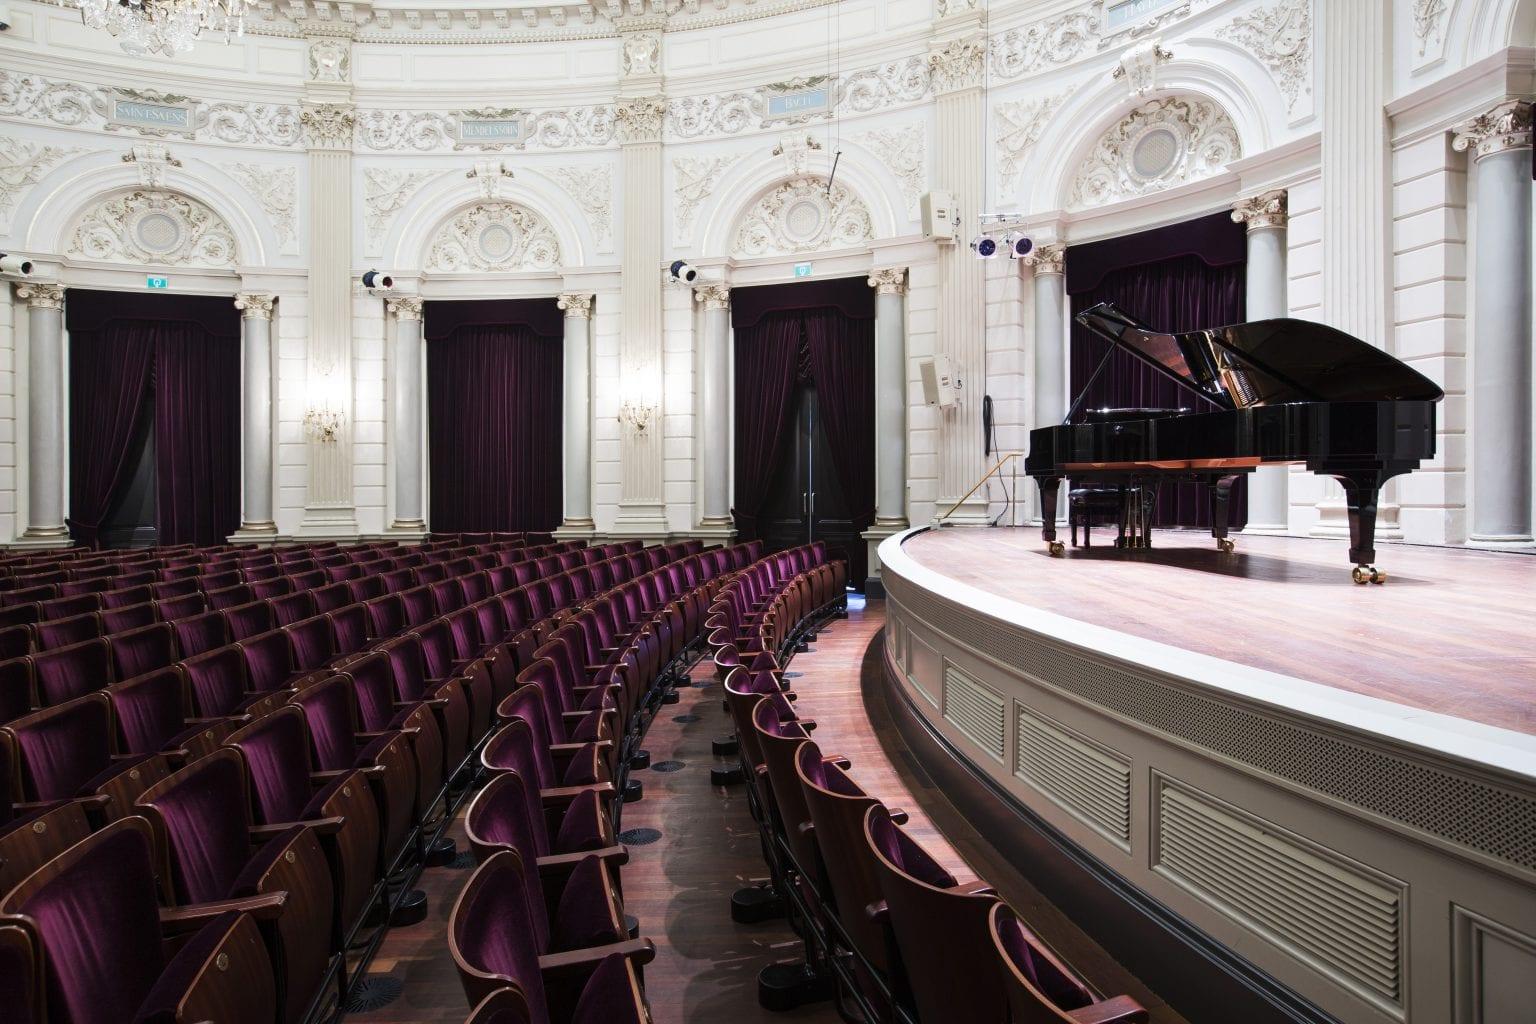 Amsterdam - 15-06-2015 - Kleine Zaal Concertgebouw. (Foto: Hans Roggen)